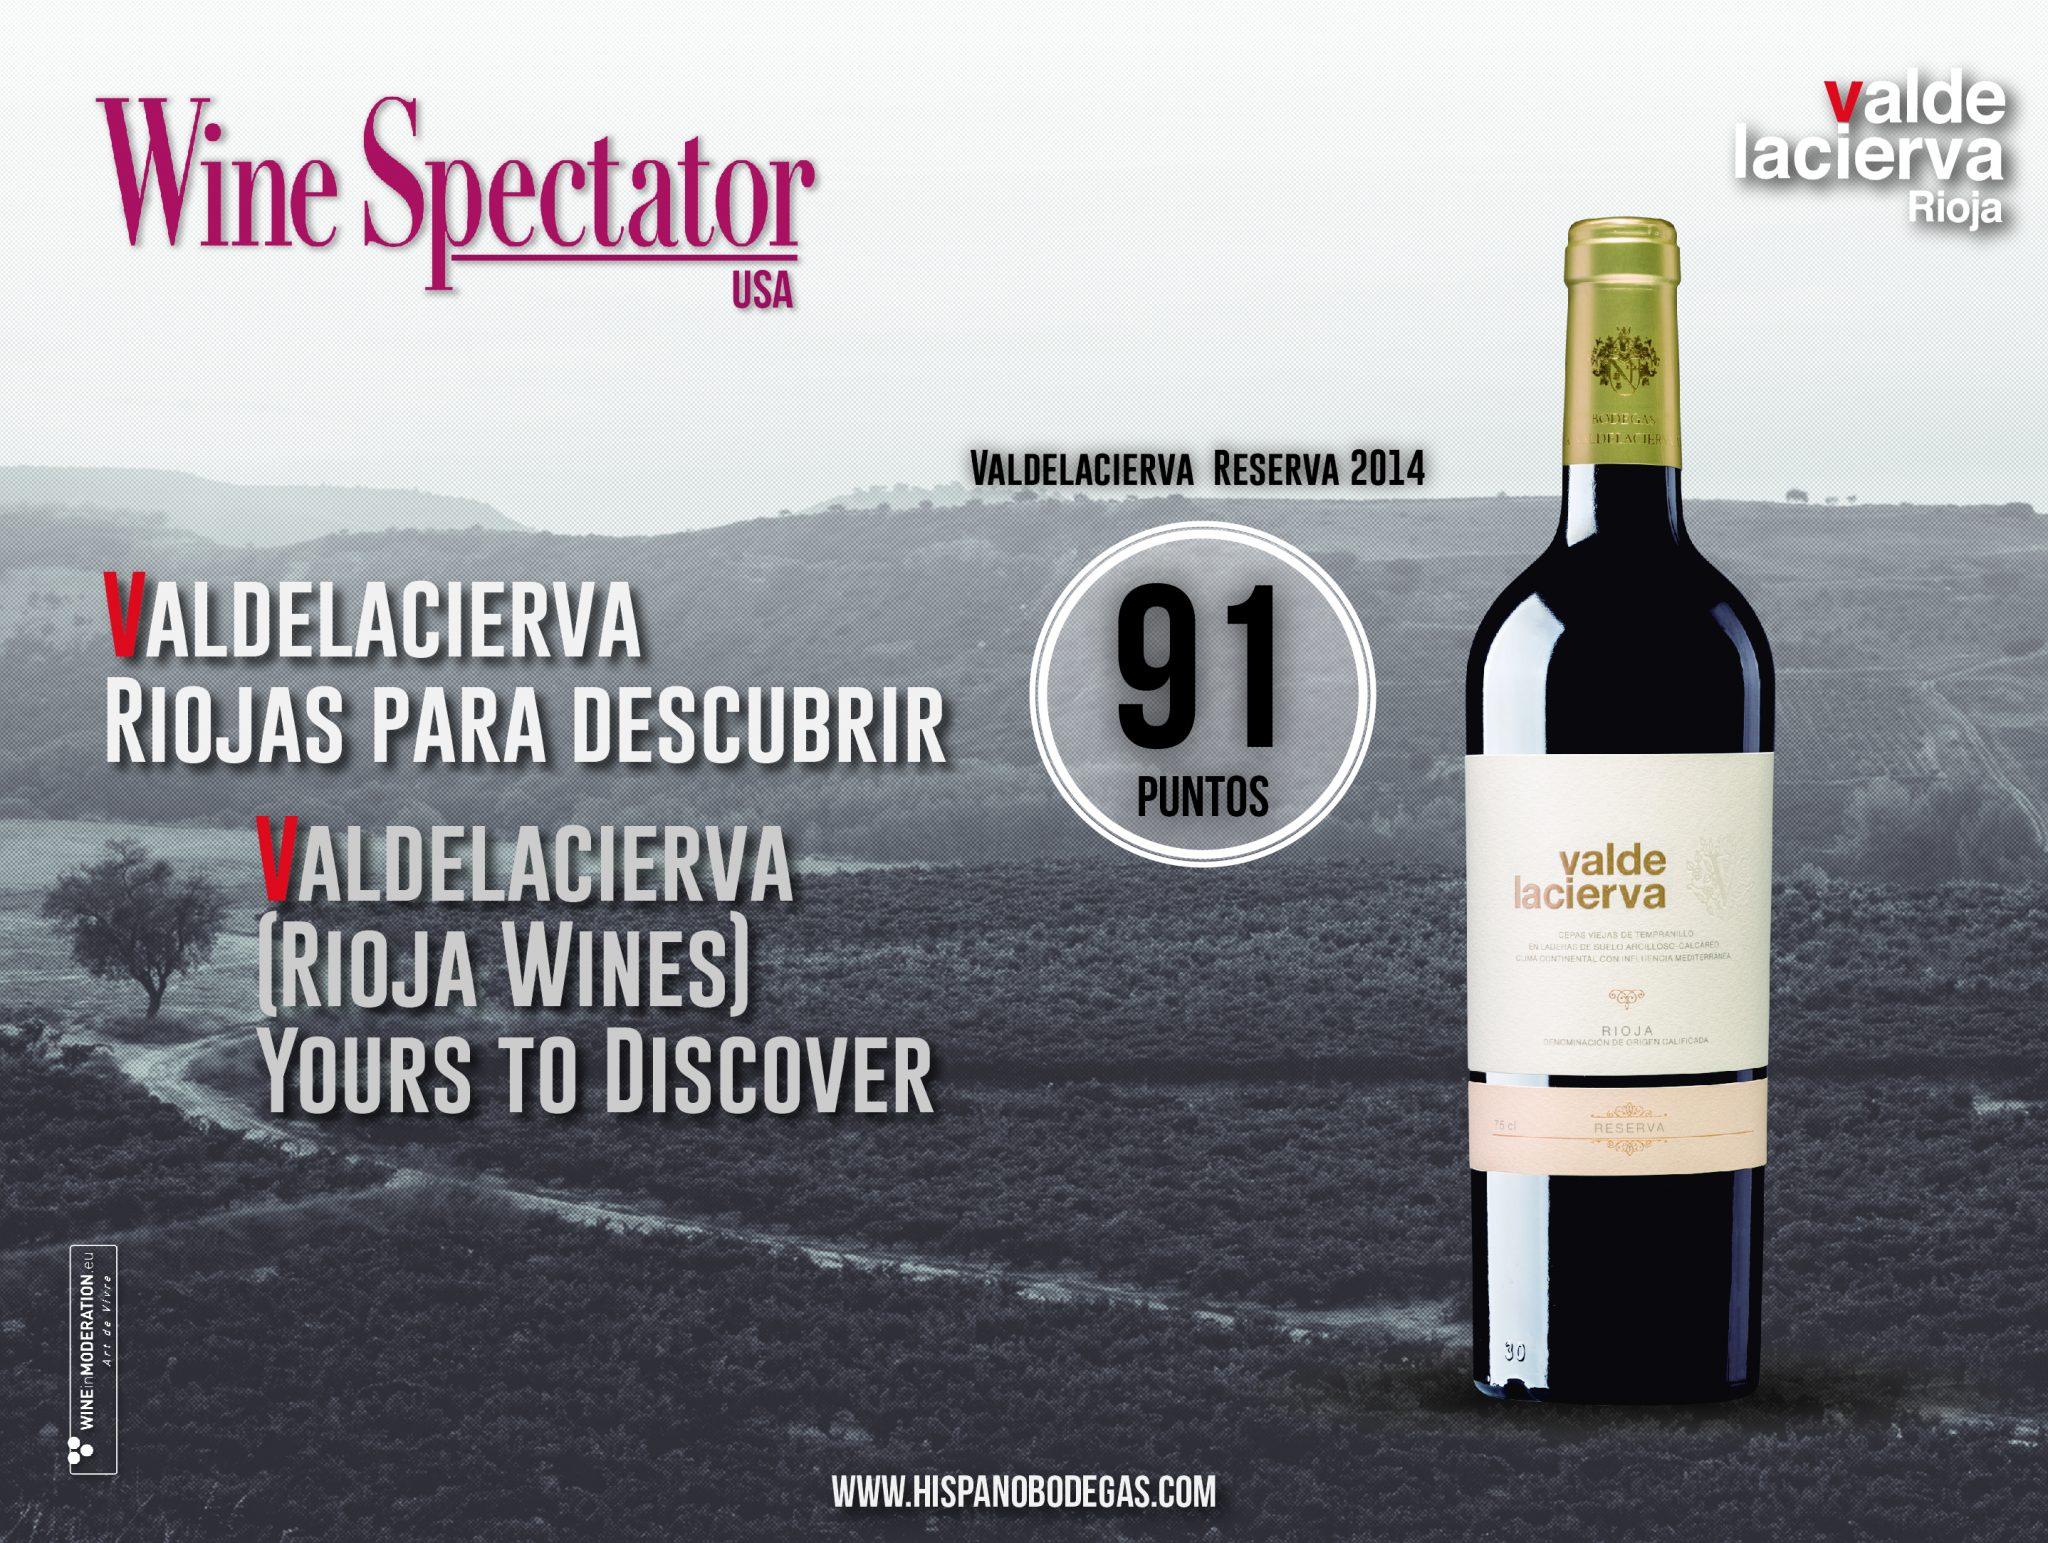 Valdelacierva Reserva 2014 obtiene 91 puntos